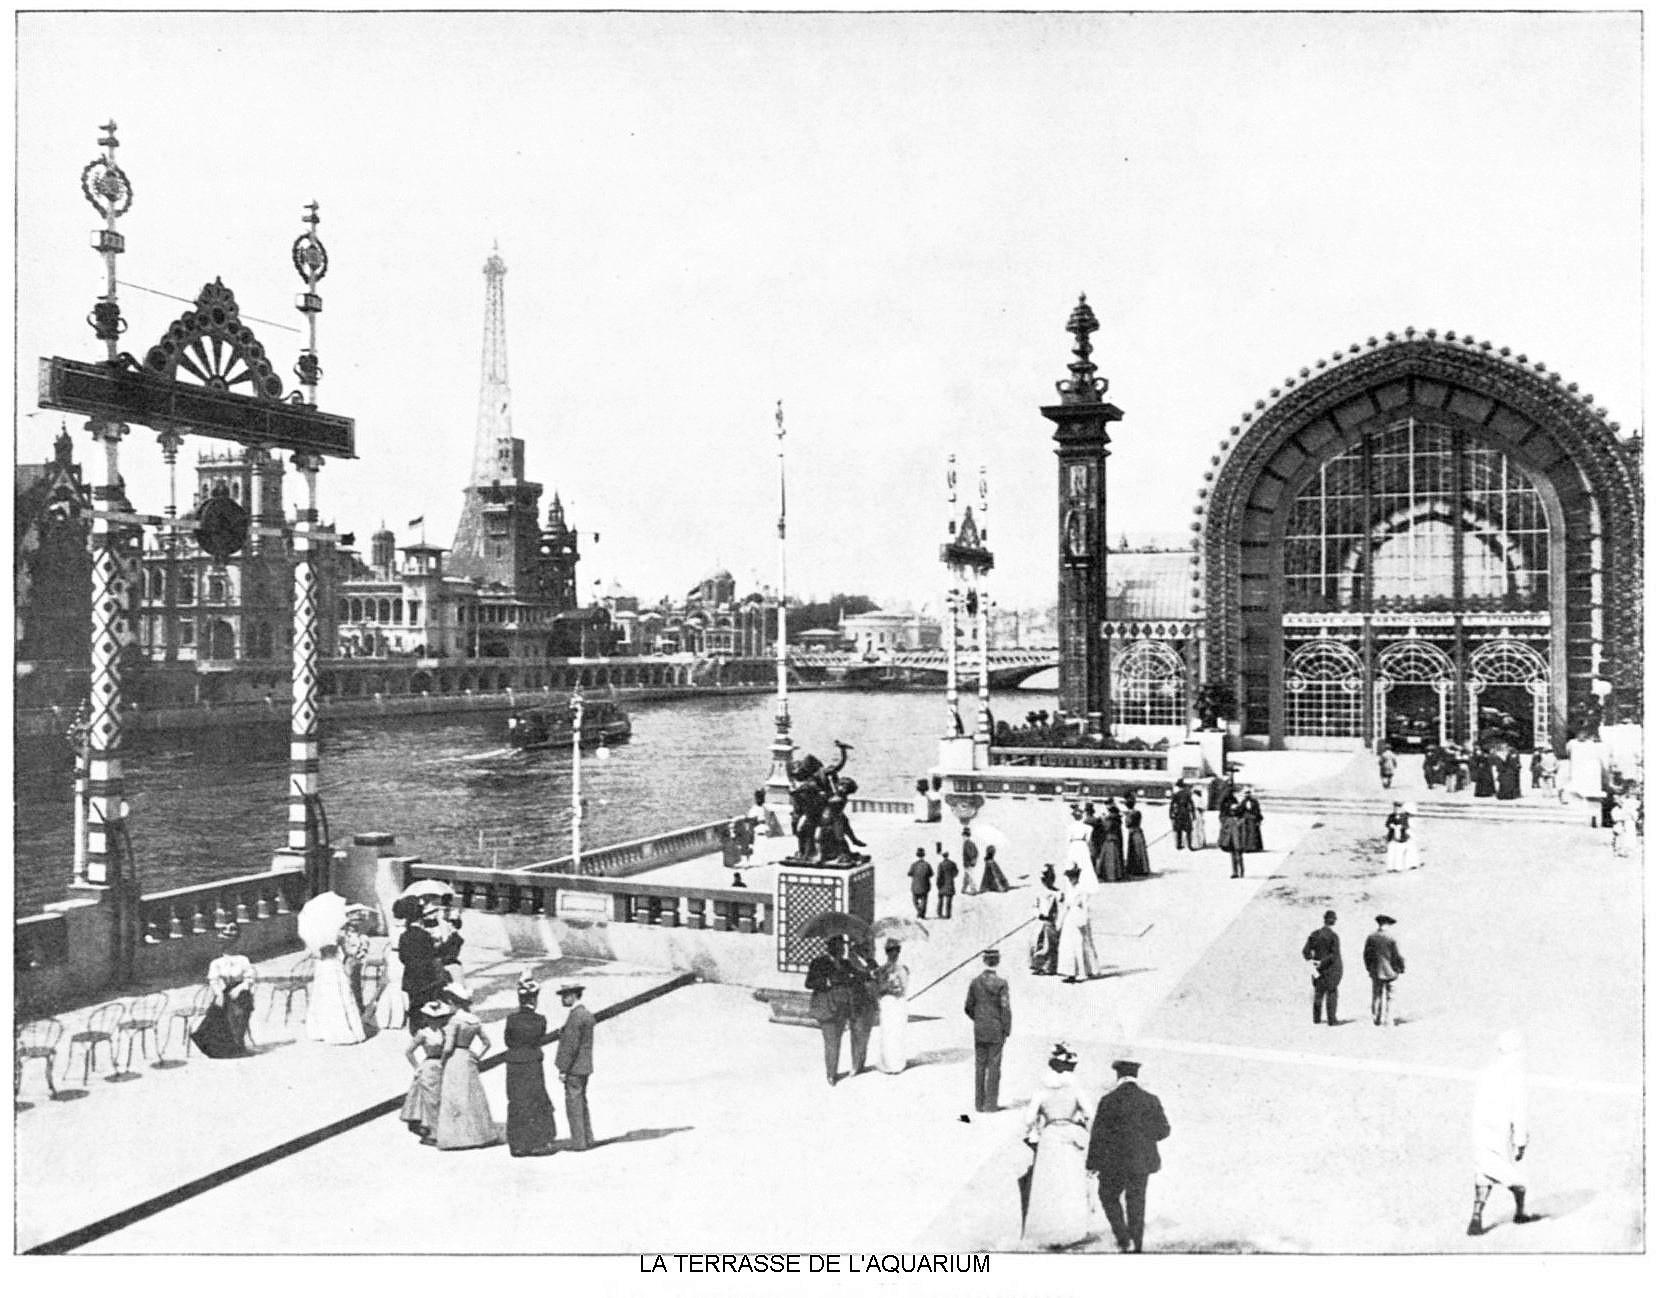 Ressources histoire exposition universelle 1900 la terrasse de l aquarium